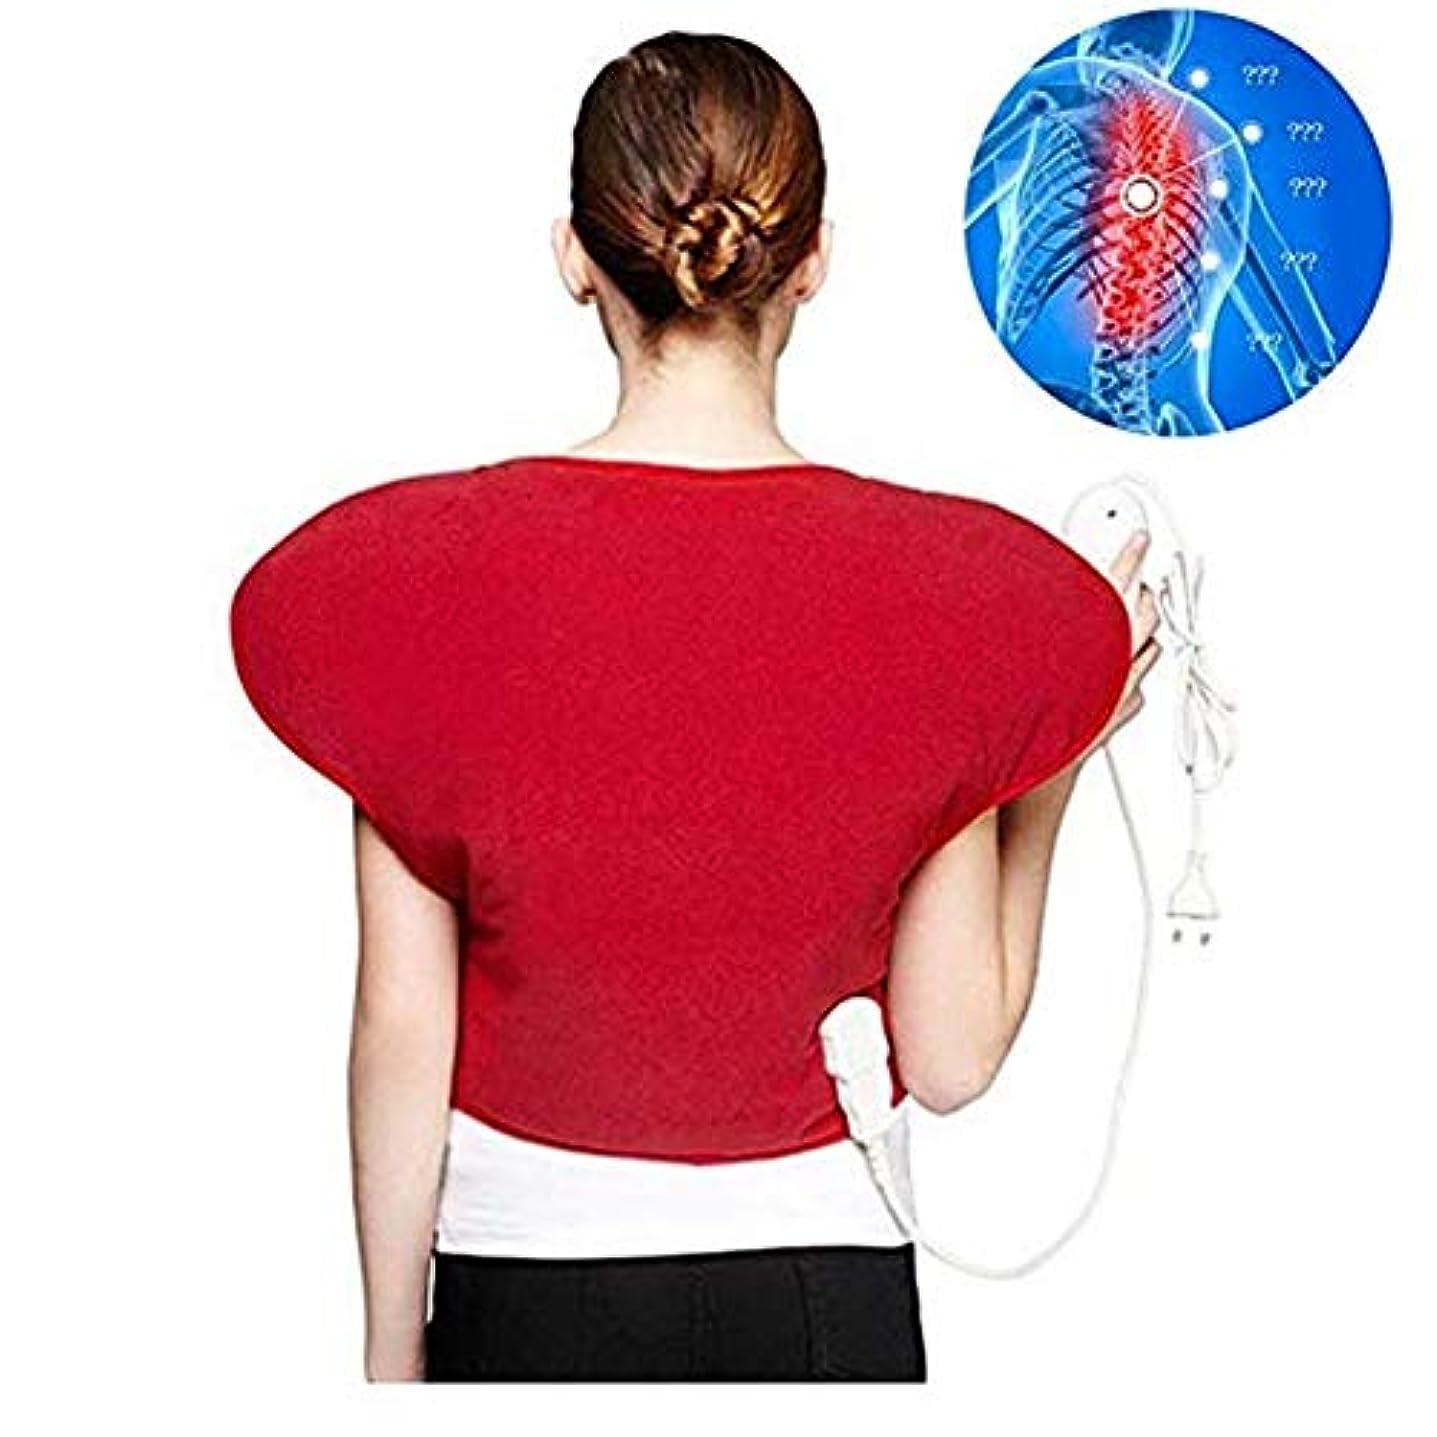 振るう十年挑む肩と首の電気ヒーターパッド - 物理的な痛みの救済ホットヒートのベスト、3ファイル一定の温度、自動パワーオフ、医療用品蝶形のマッサージのヒートパッド